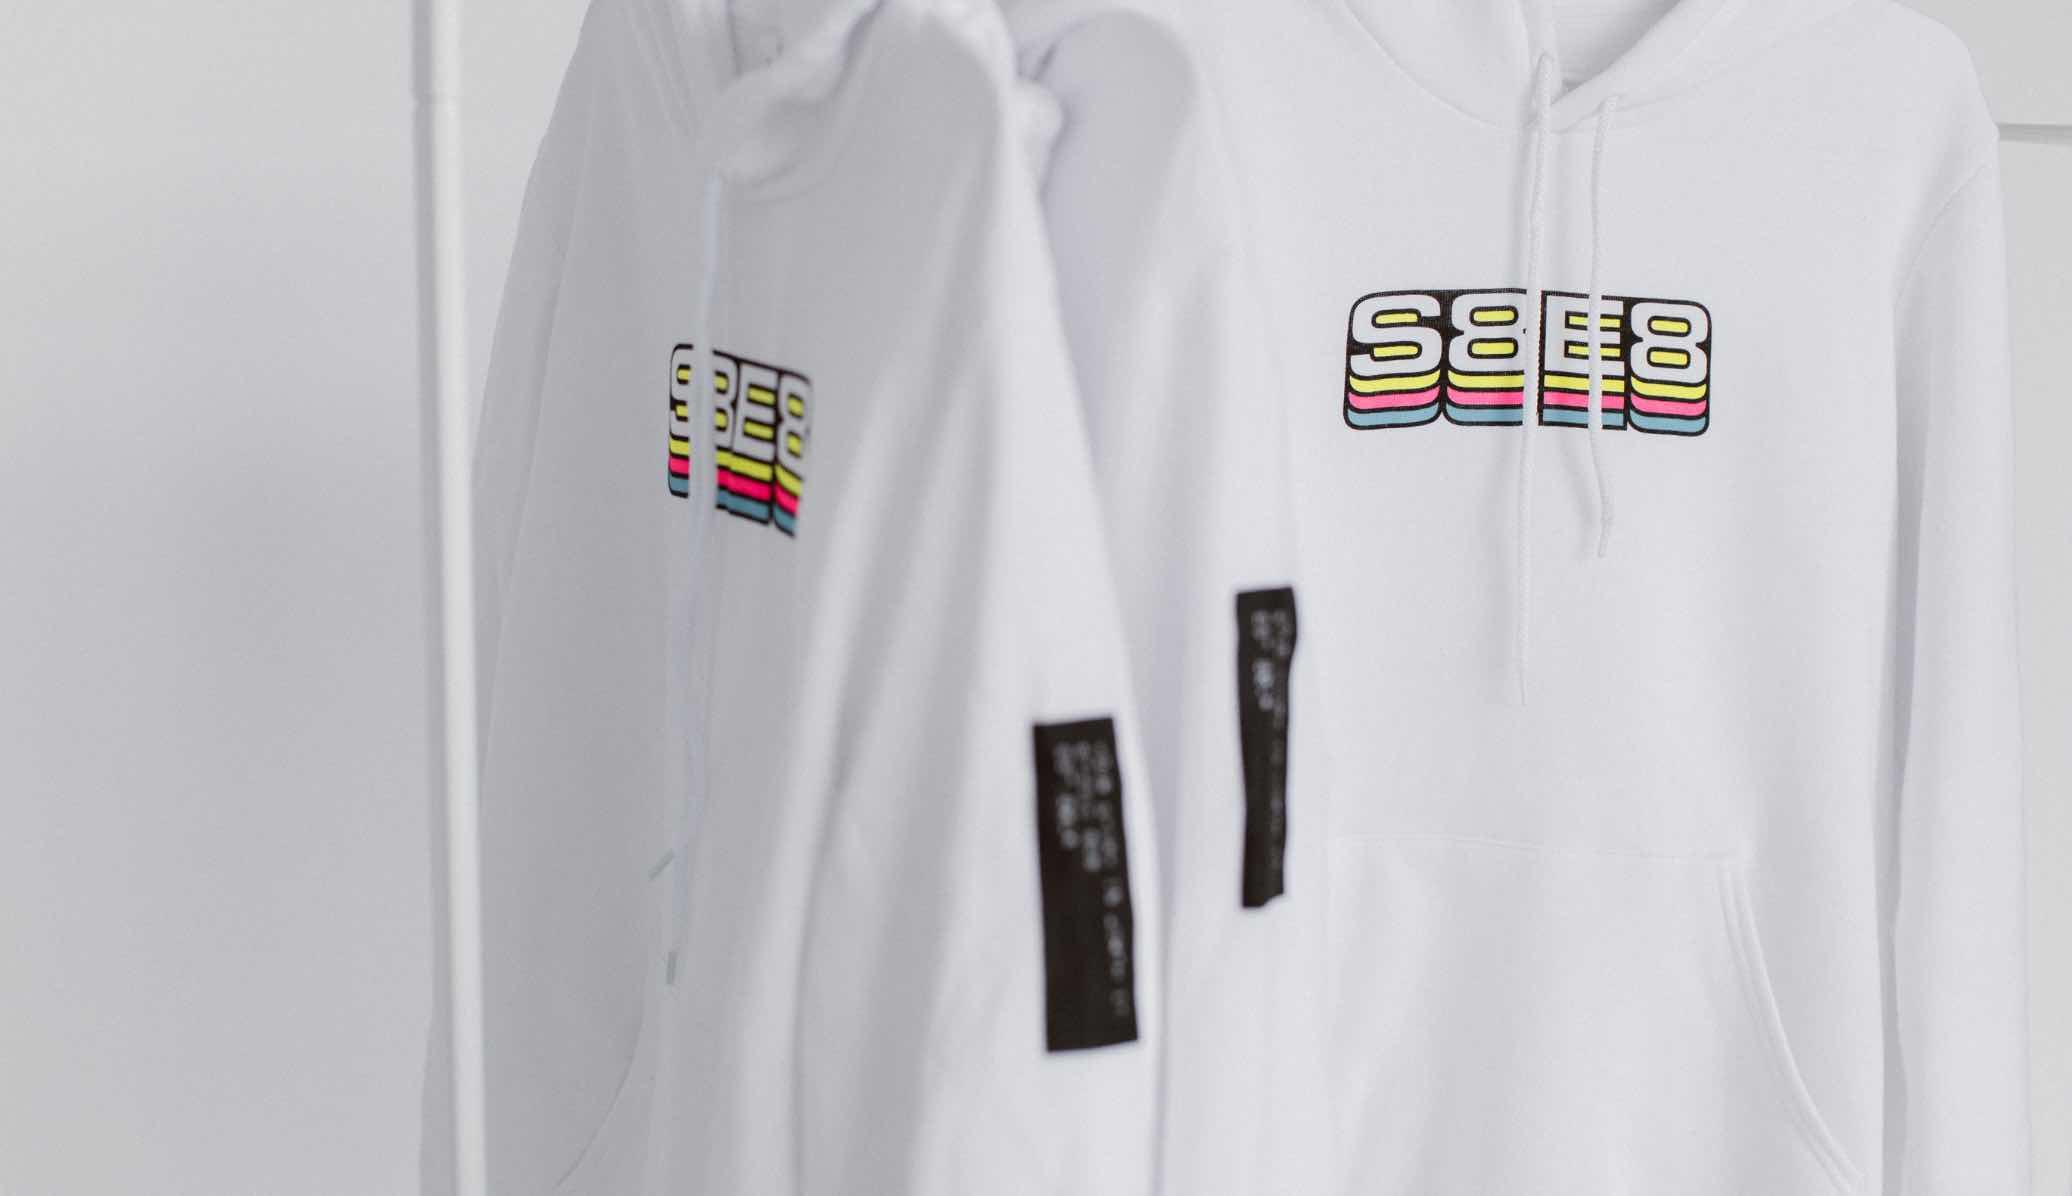 Photo of S8E8 hoodies